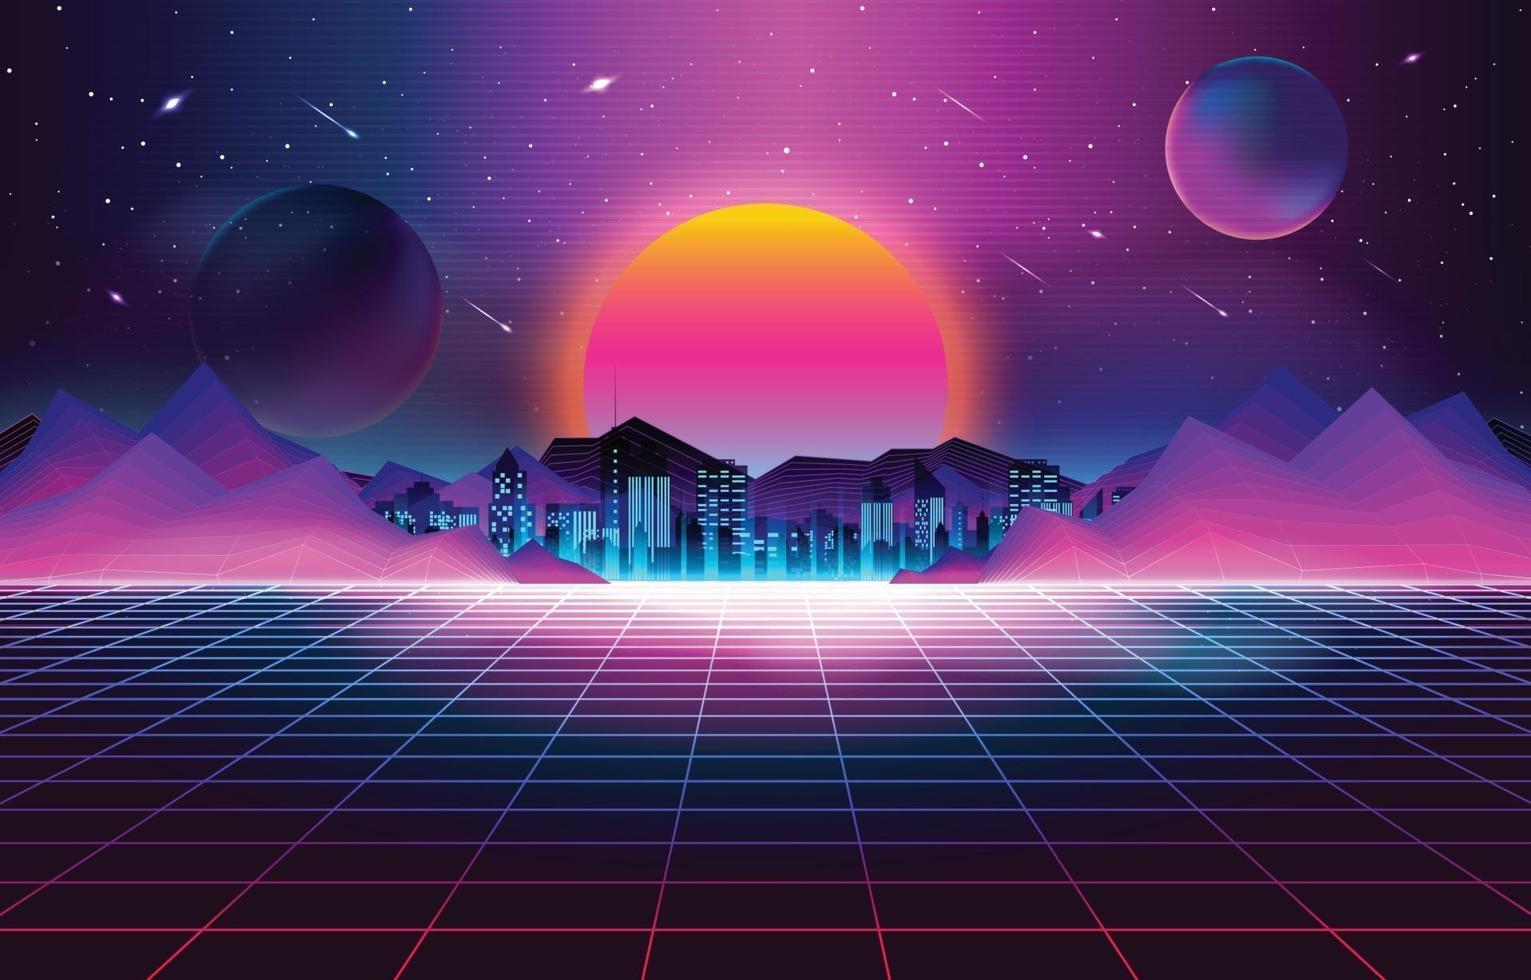 sfondo tramonto futurismo retrò vettore